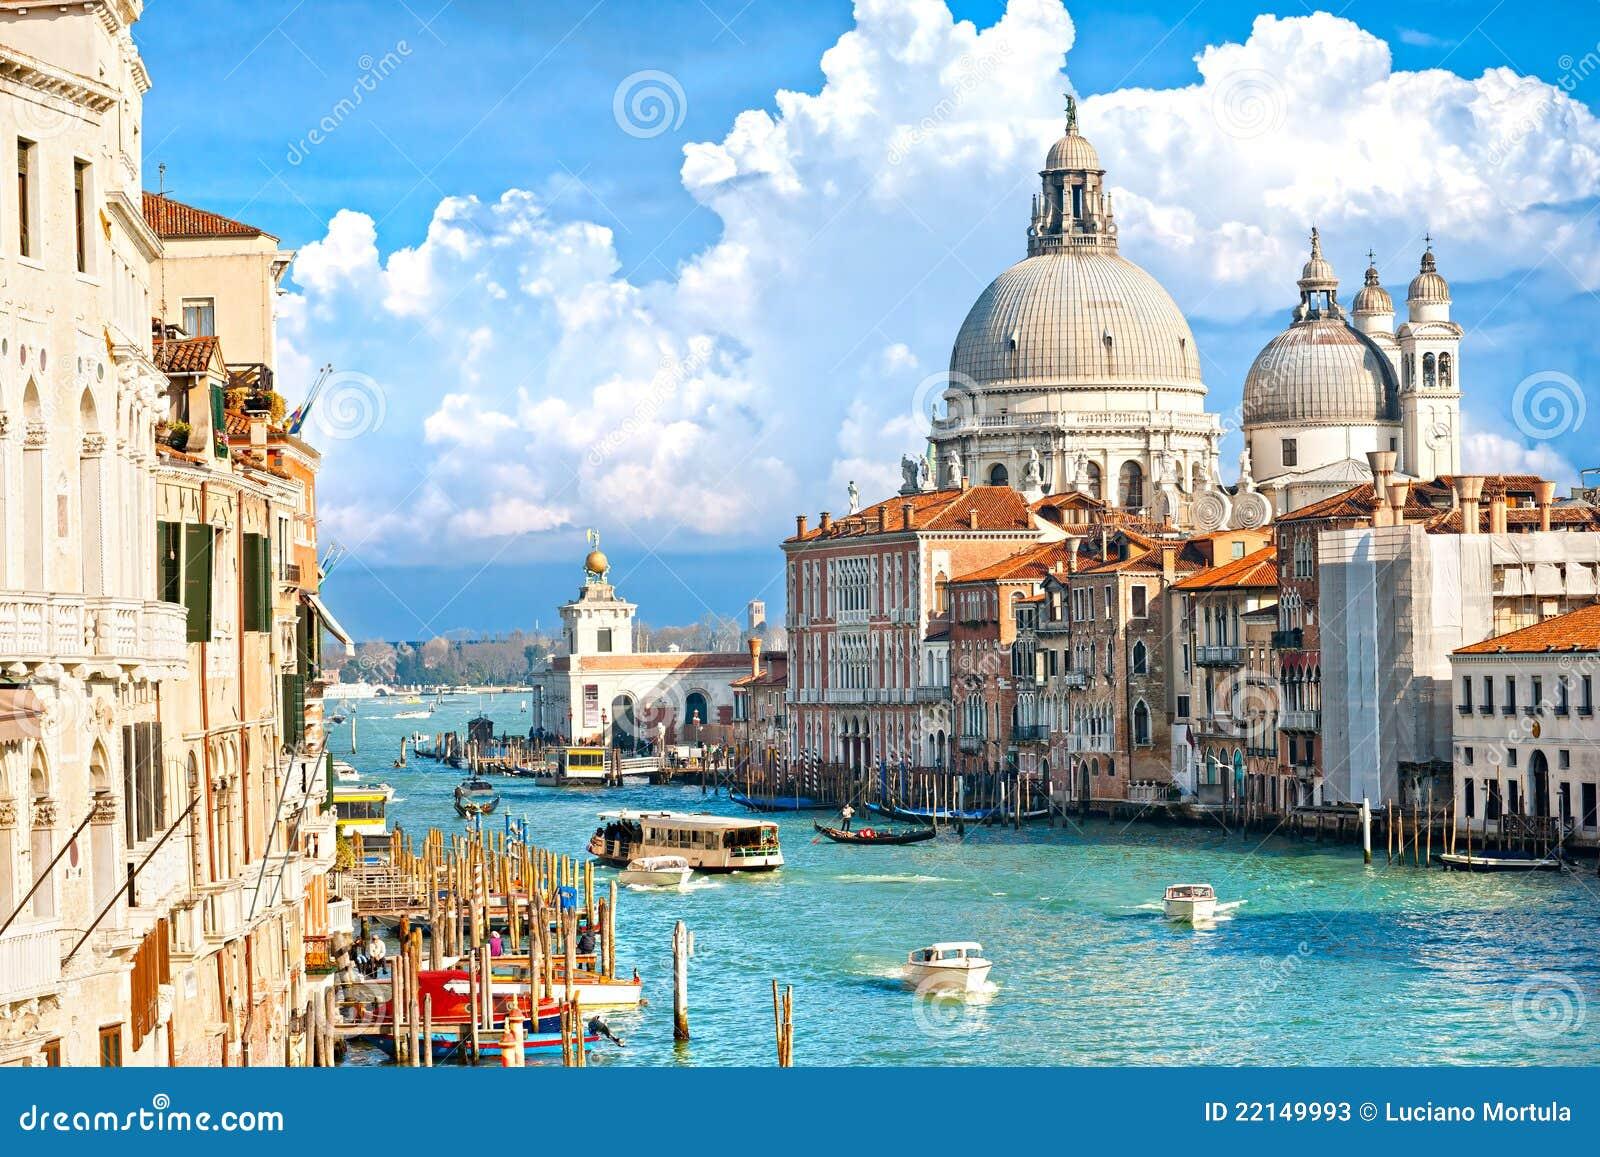 Venice, basilica of santa maria della salute. Ita